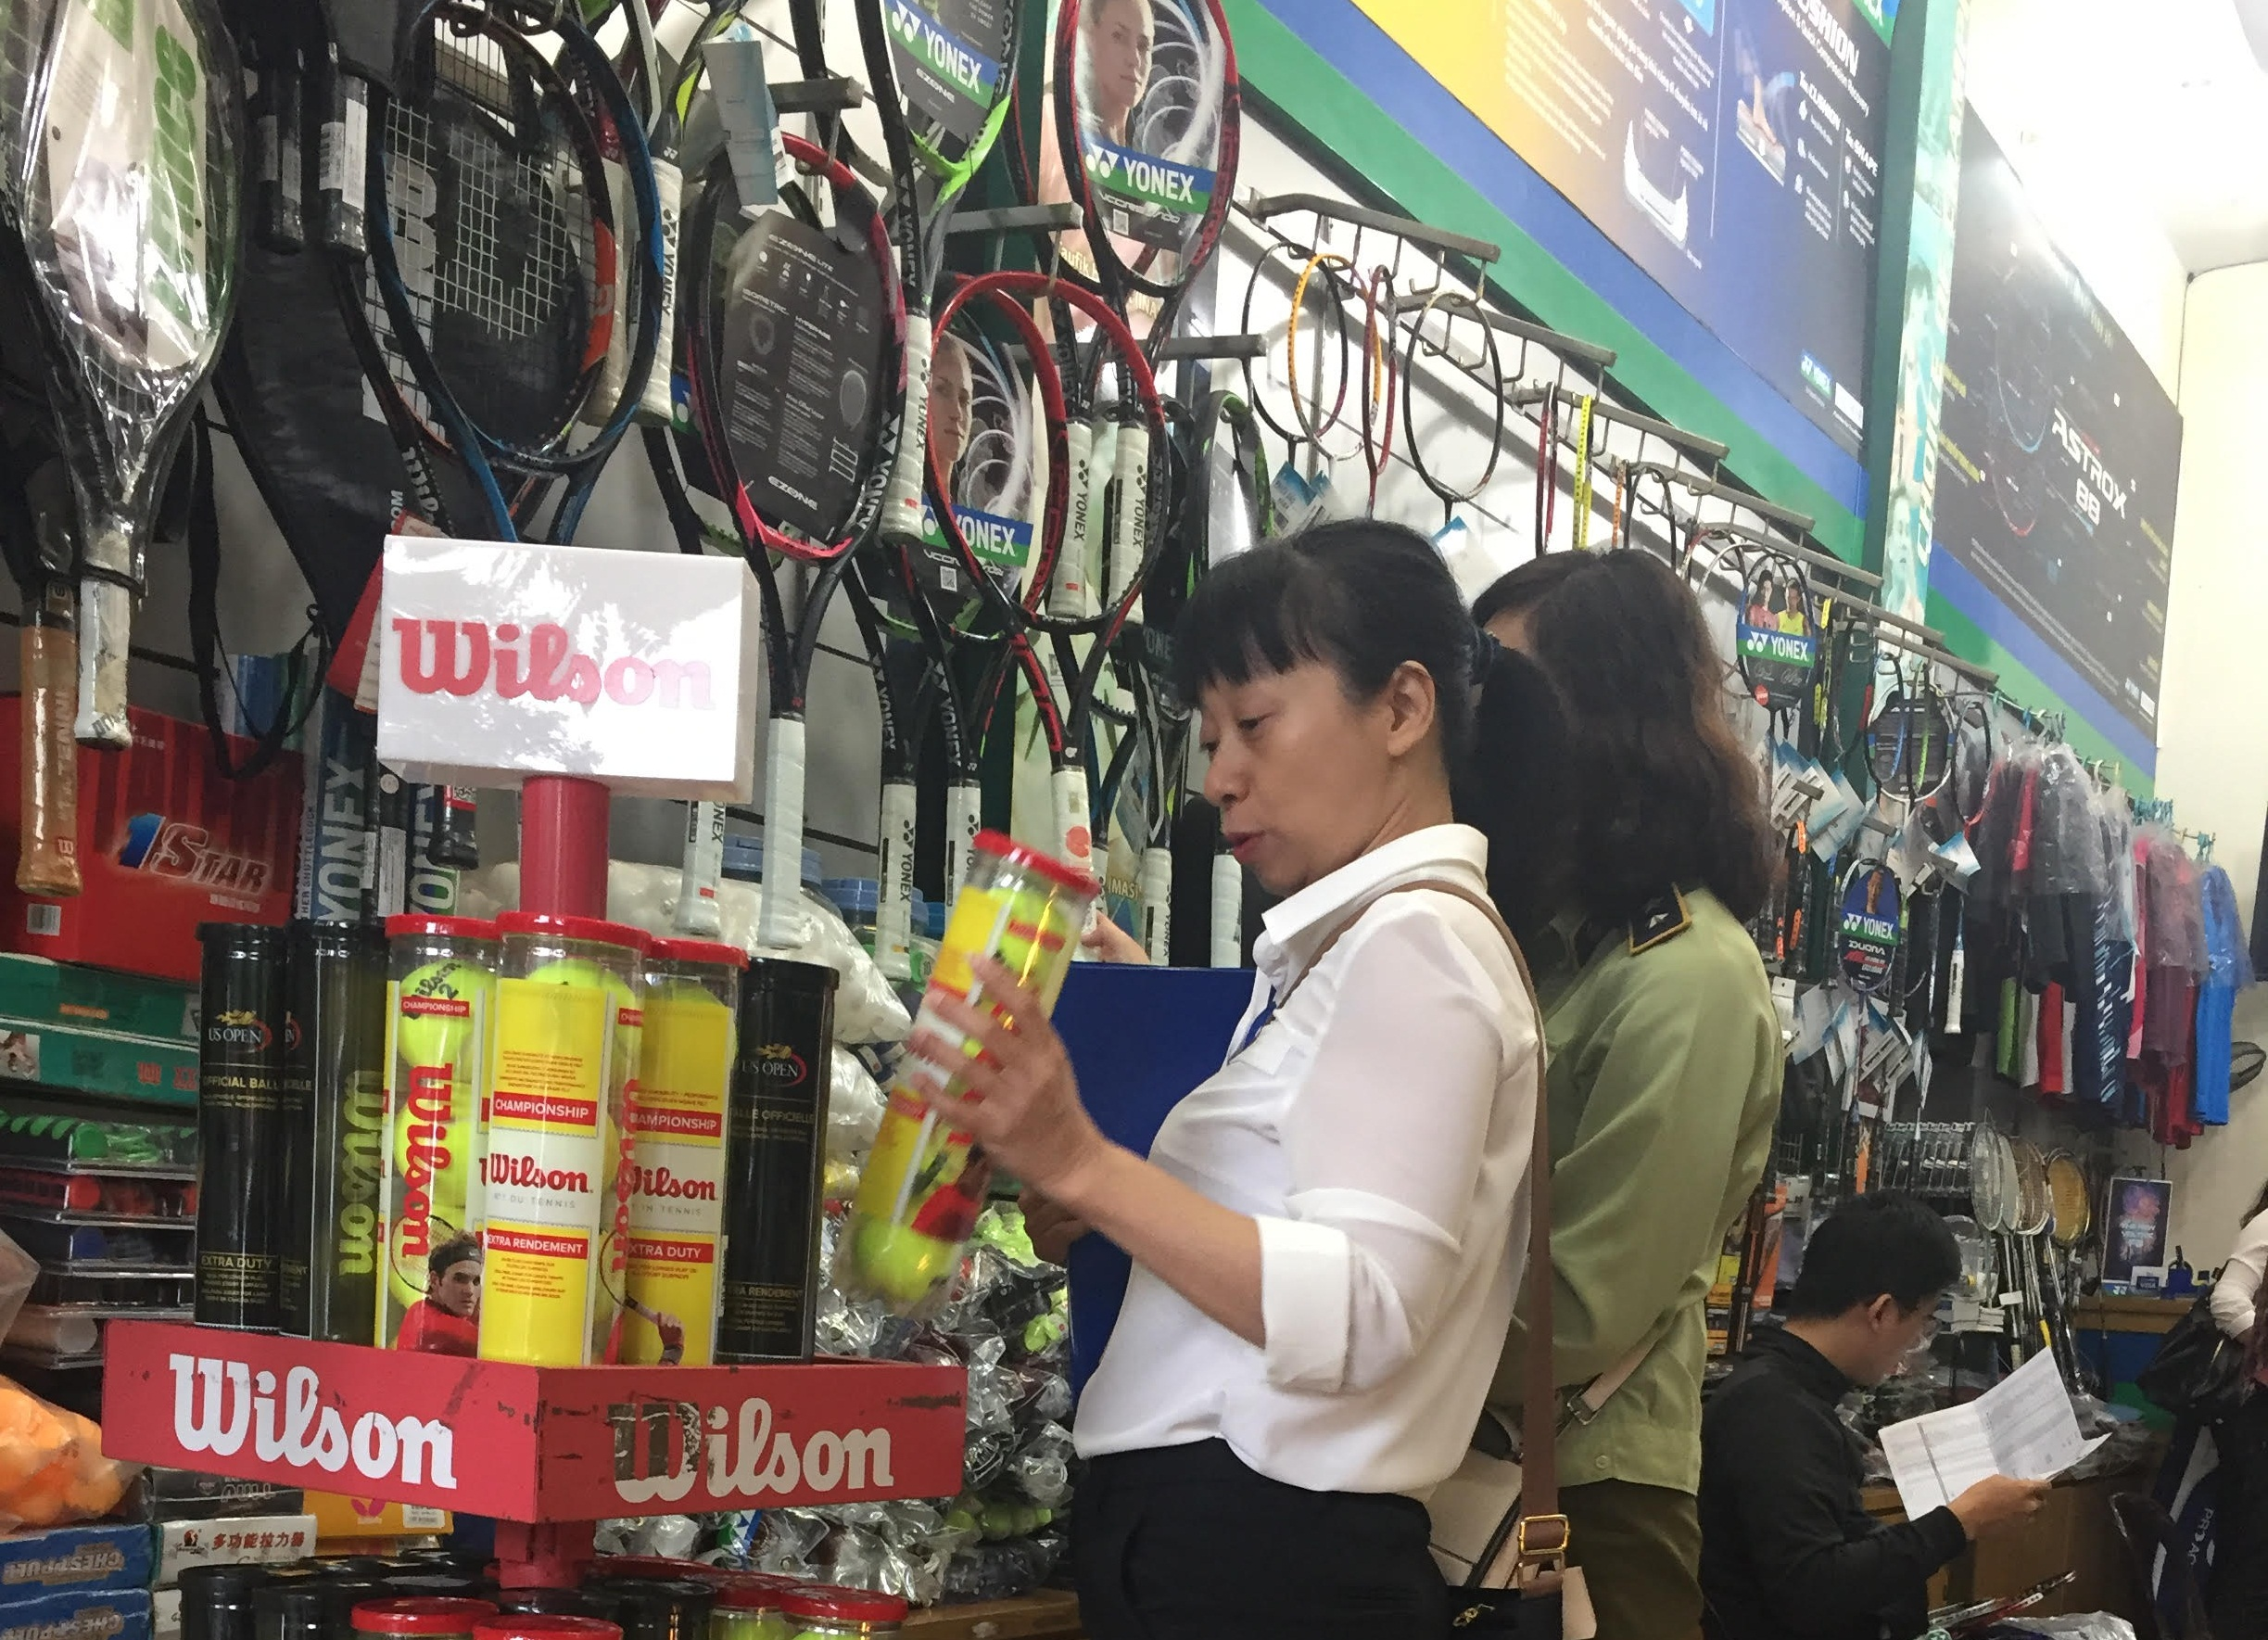 Cơ quan chức năng kiểm tra chất lượng sản phẩm hàng hóa tại cửa hàng dụng cụ thể thao. Ảnh Thanh Lịch